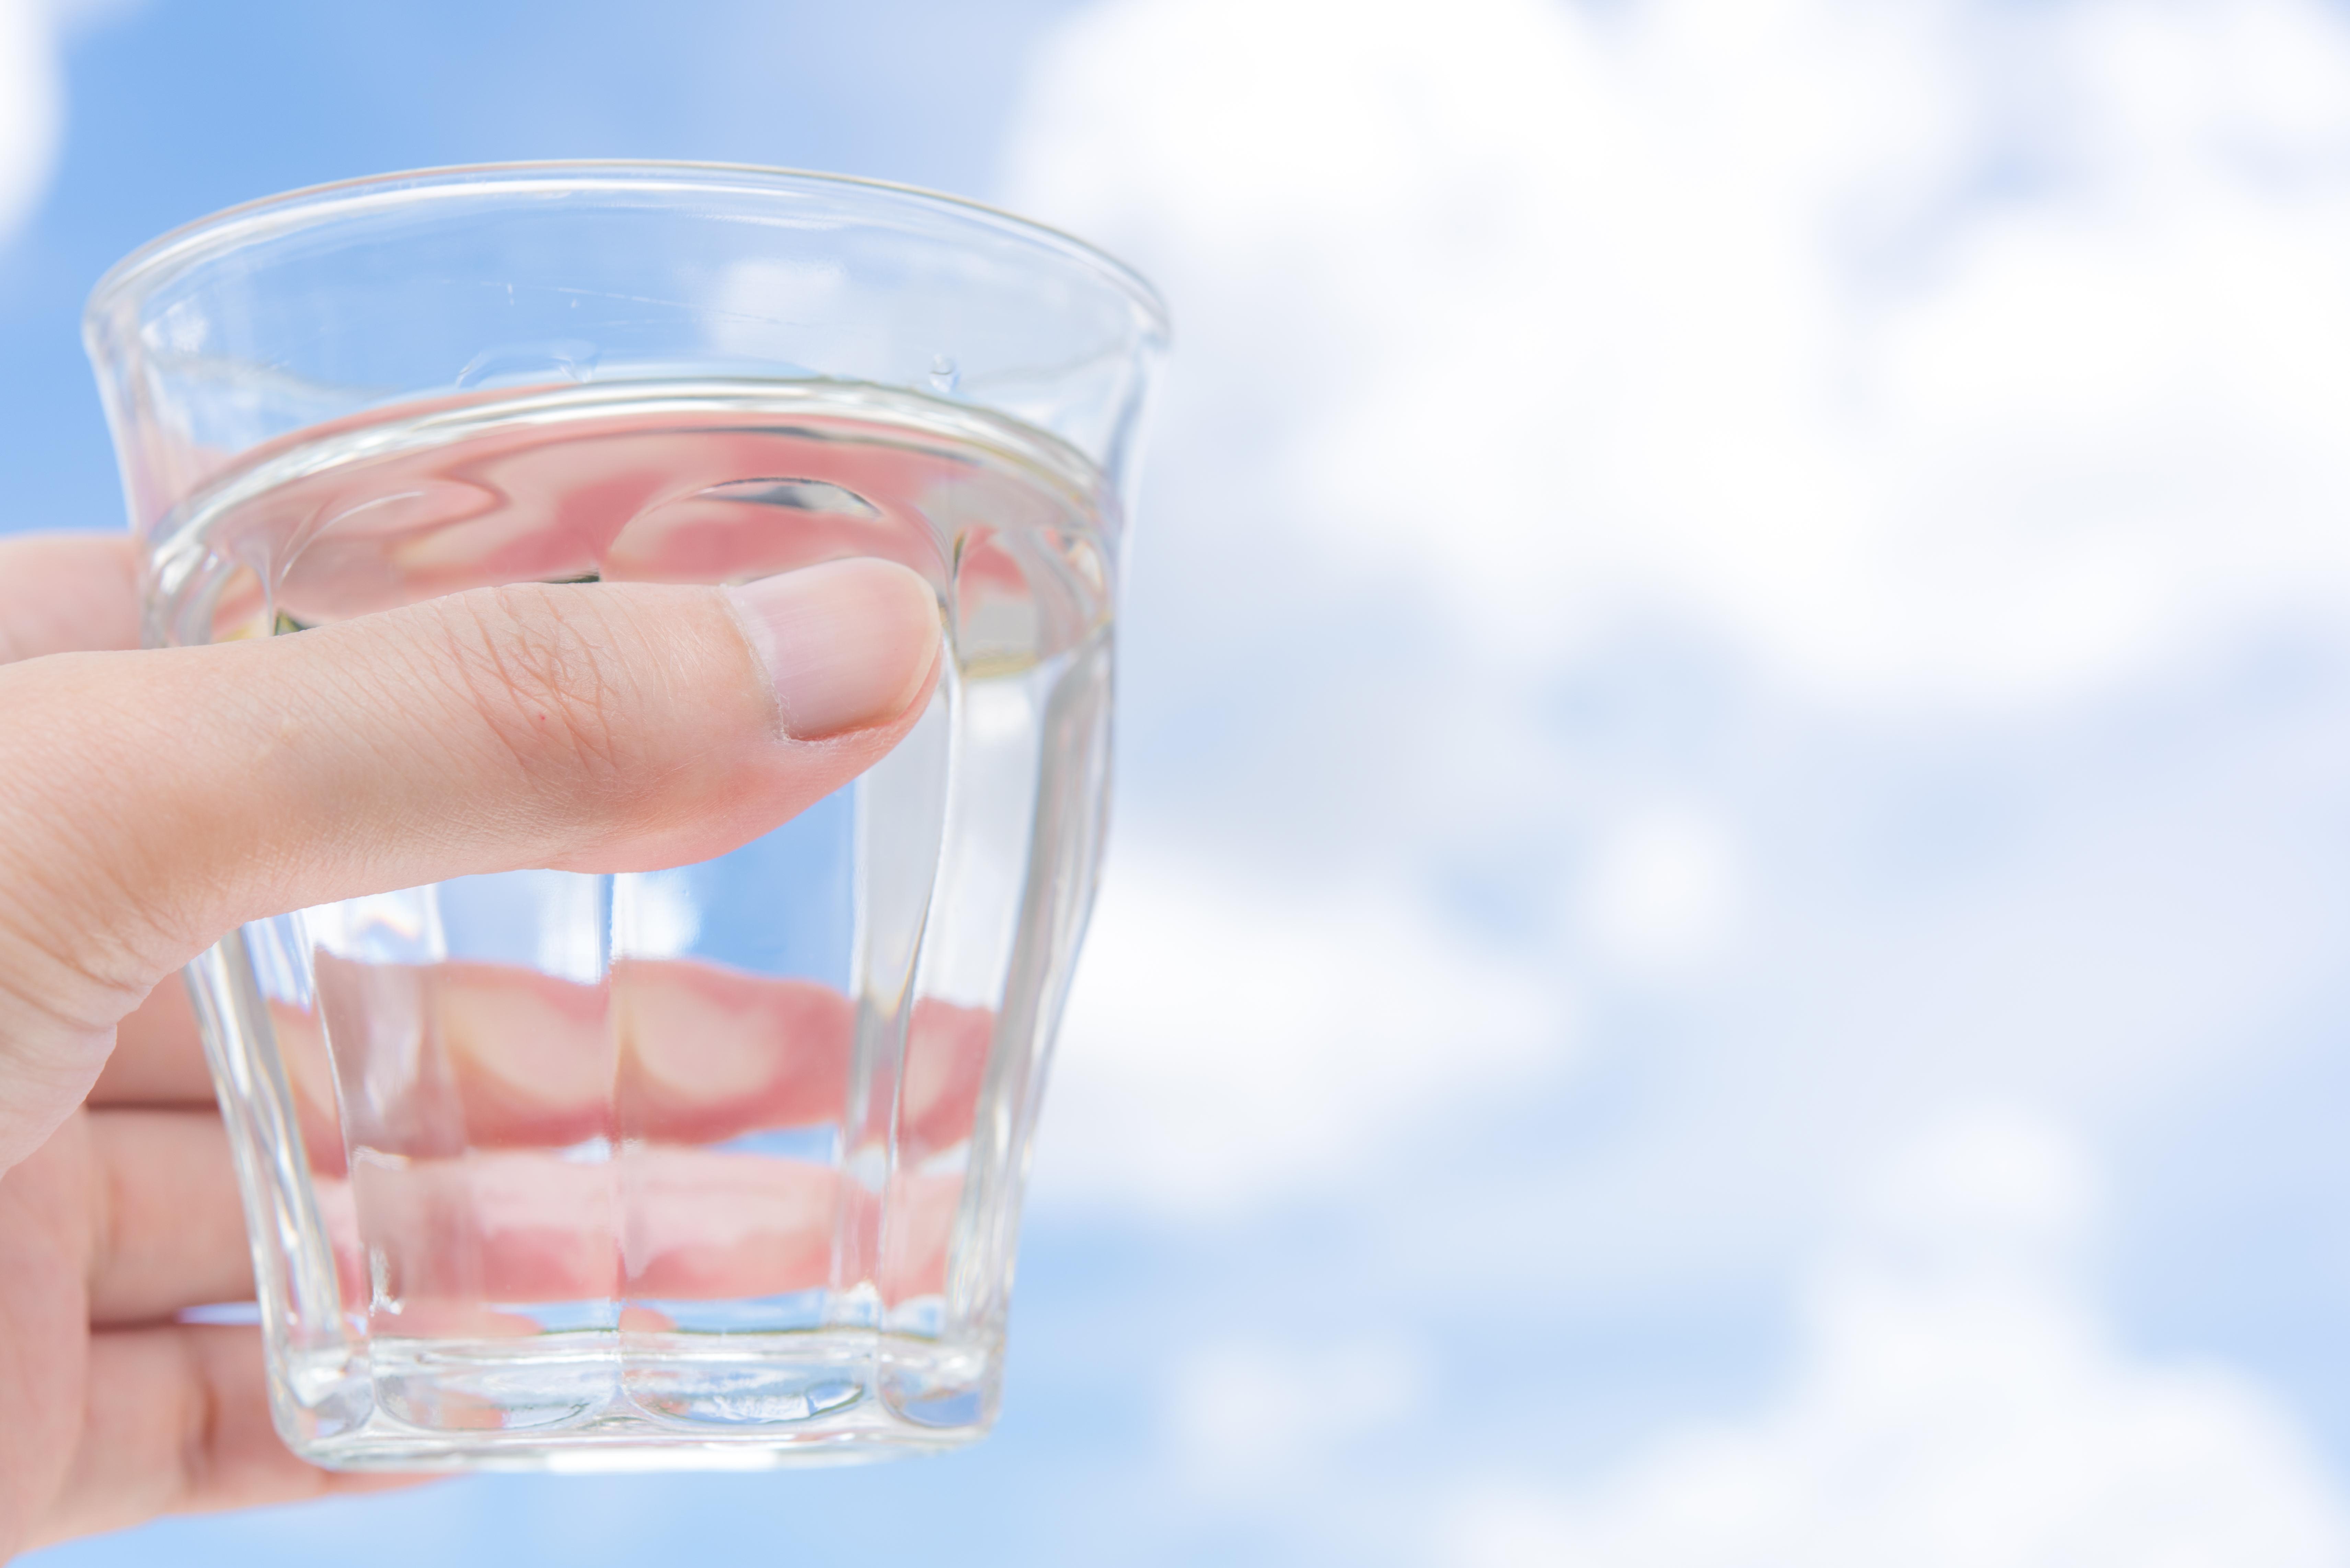 2~3月の水道料金公開!節水効果が表れて嬉しい結果に✨